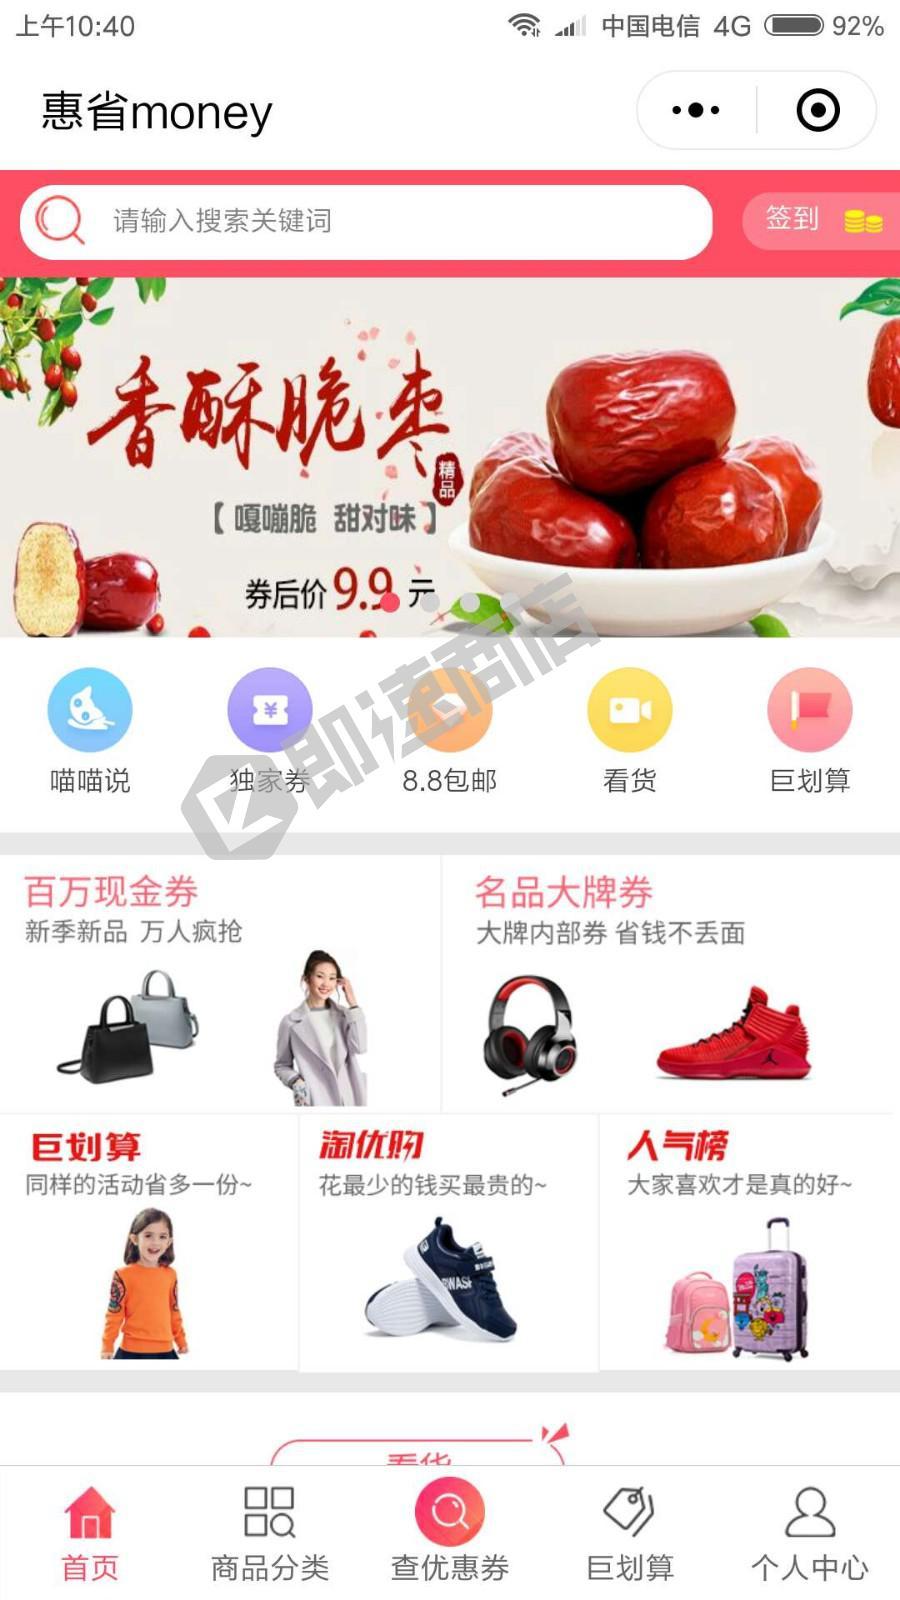 惠省money小程序列表页截图